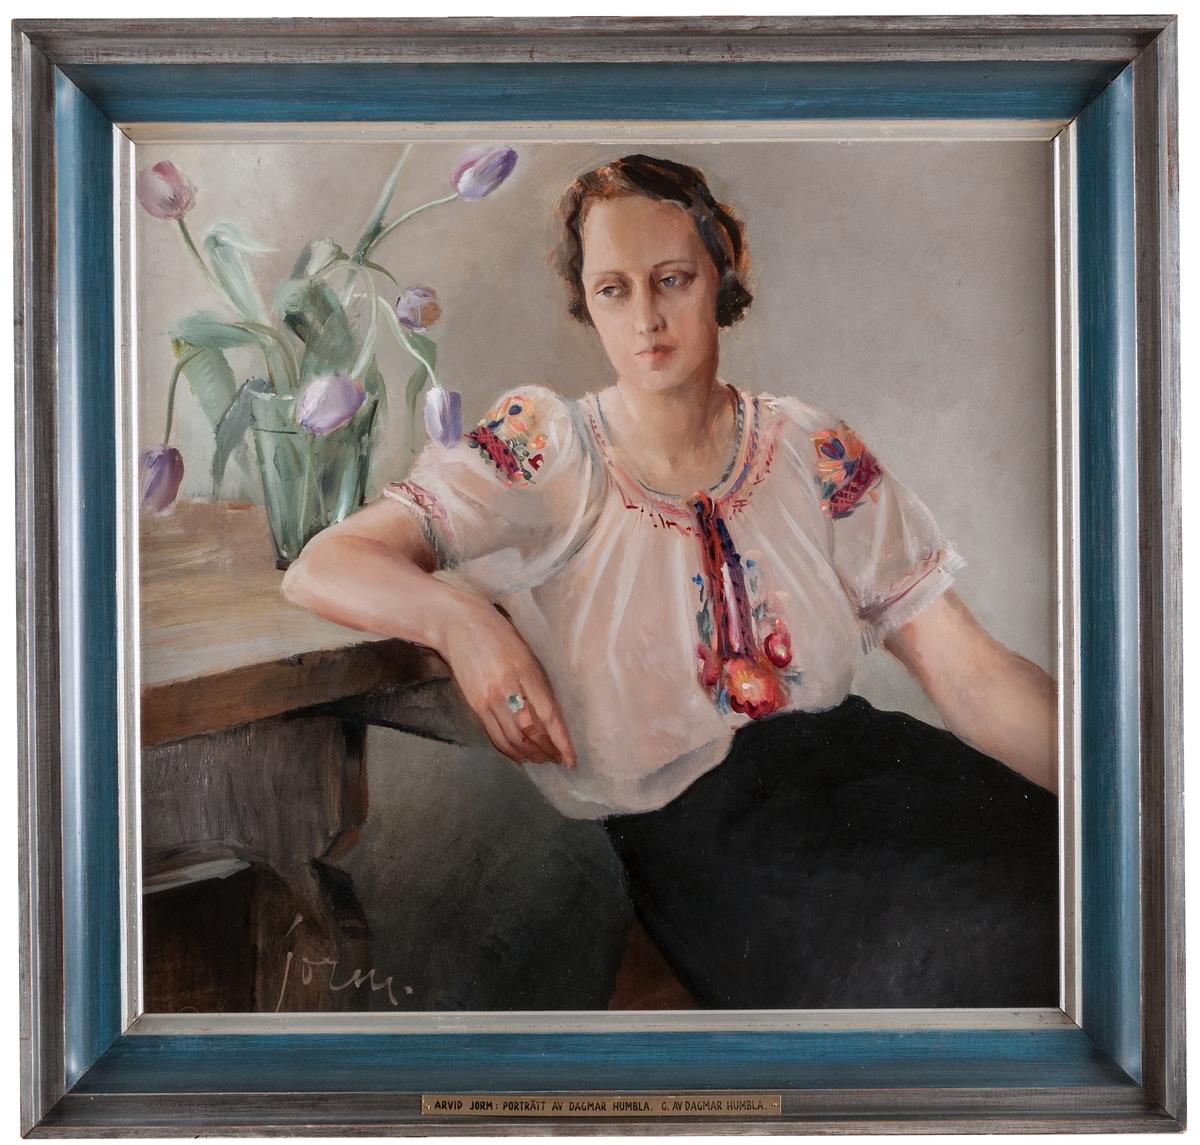 Porträtt av Dagmar Humbla, hustru till Gävle museums förste chef Philibert Humbla. Troligen avbildad i parets tjänstelägenhet i Gävle museum.